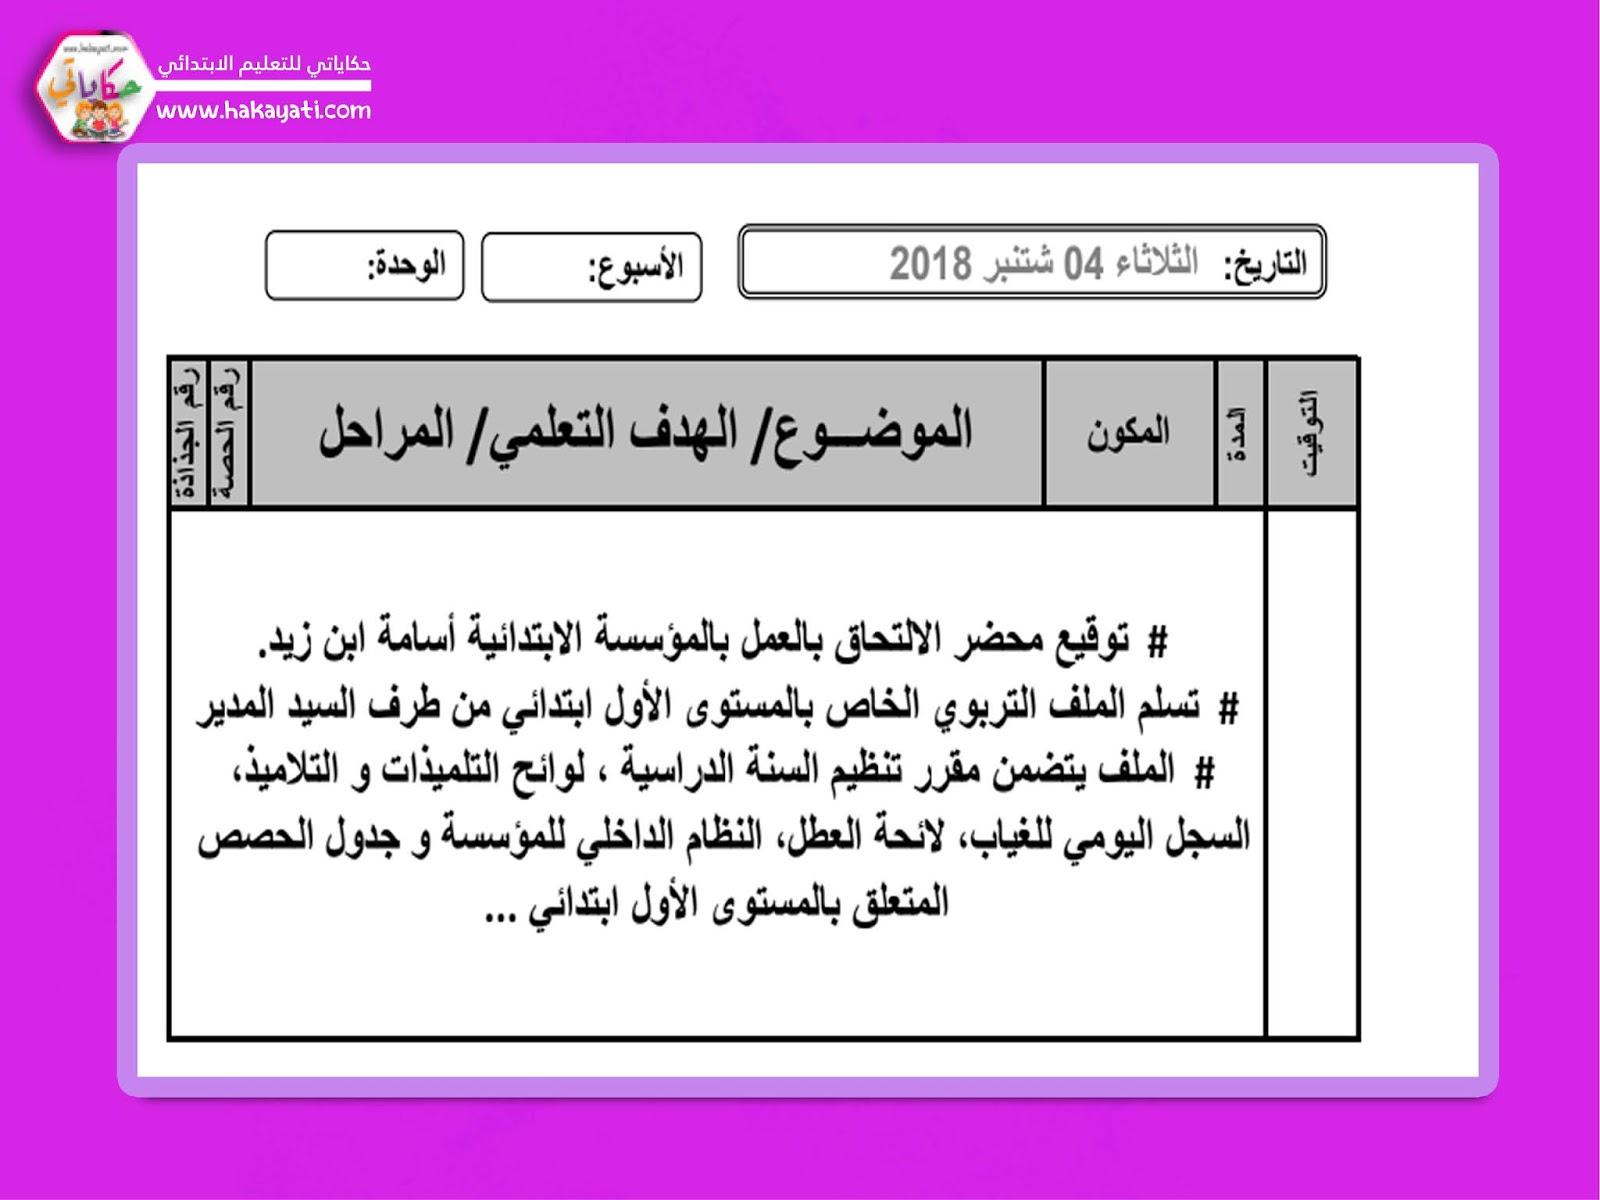 المذكرة اليومية لفترة التقويم التشخيصي شتنبر 2020 باللغة العربية